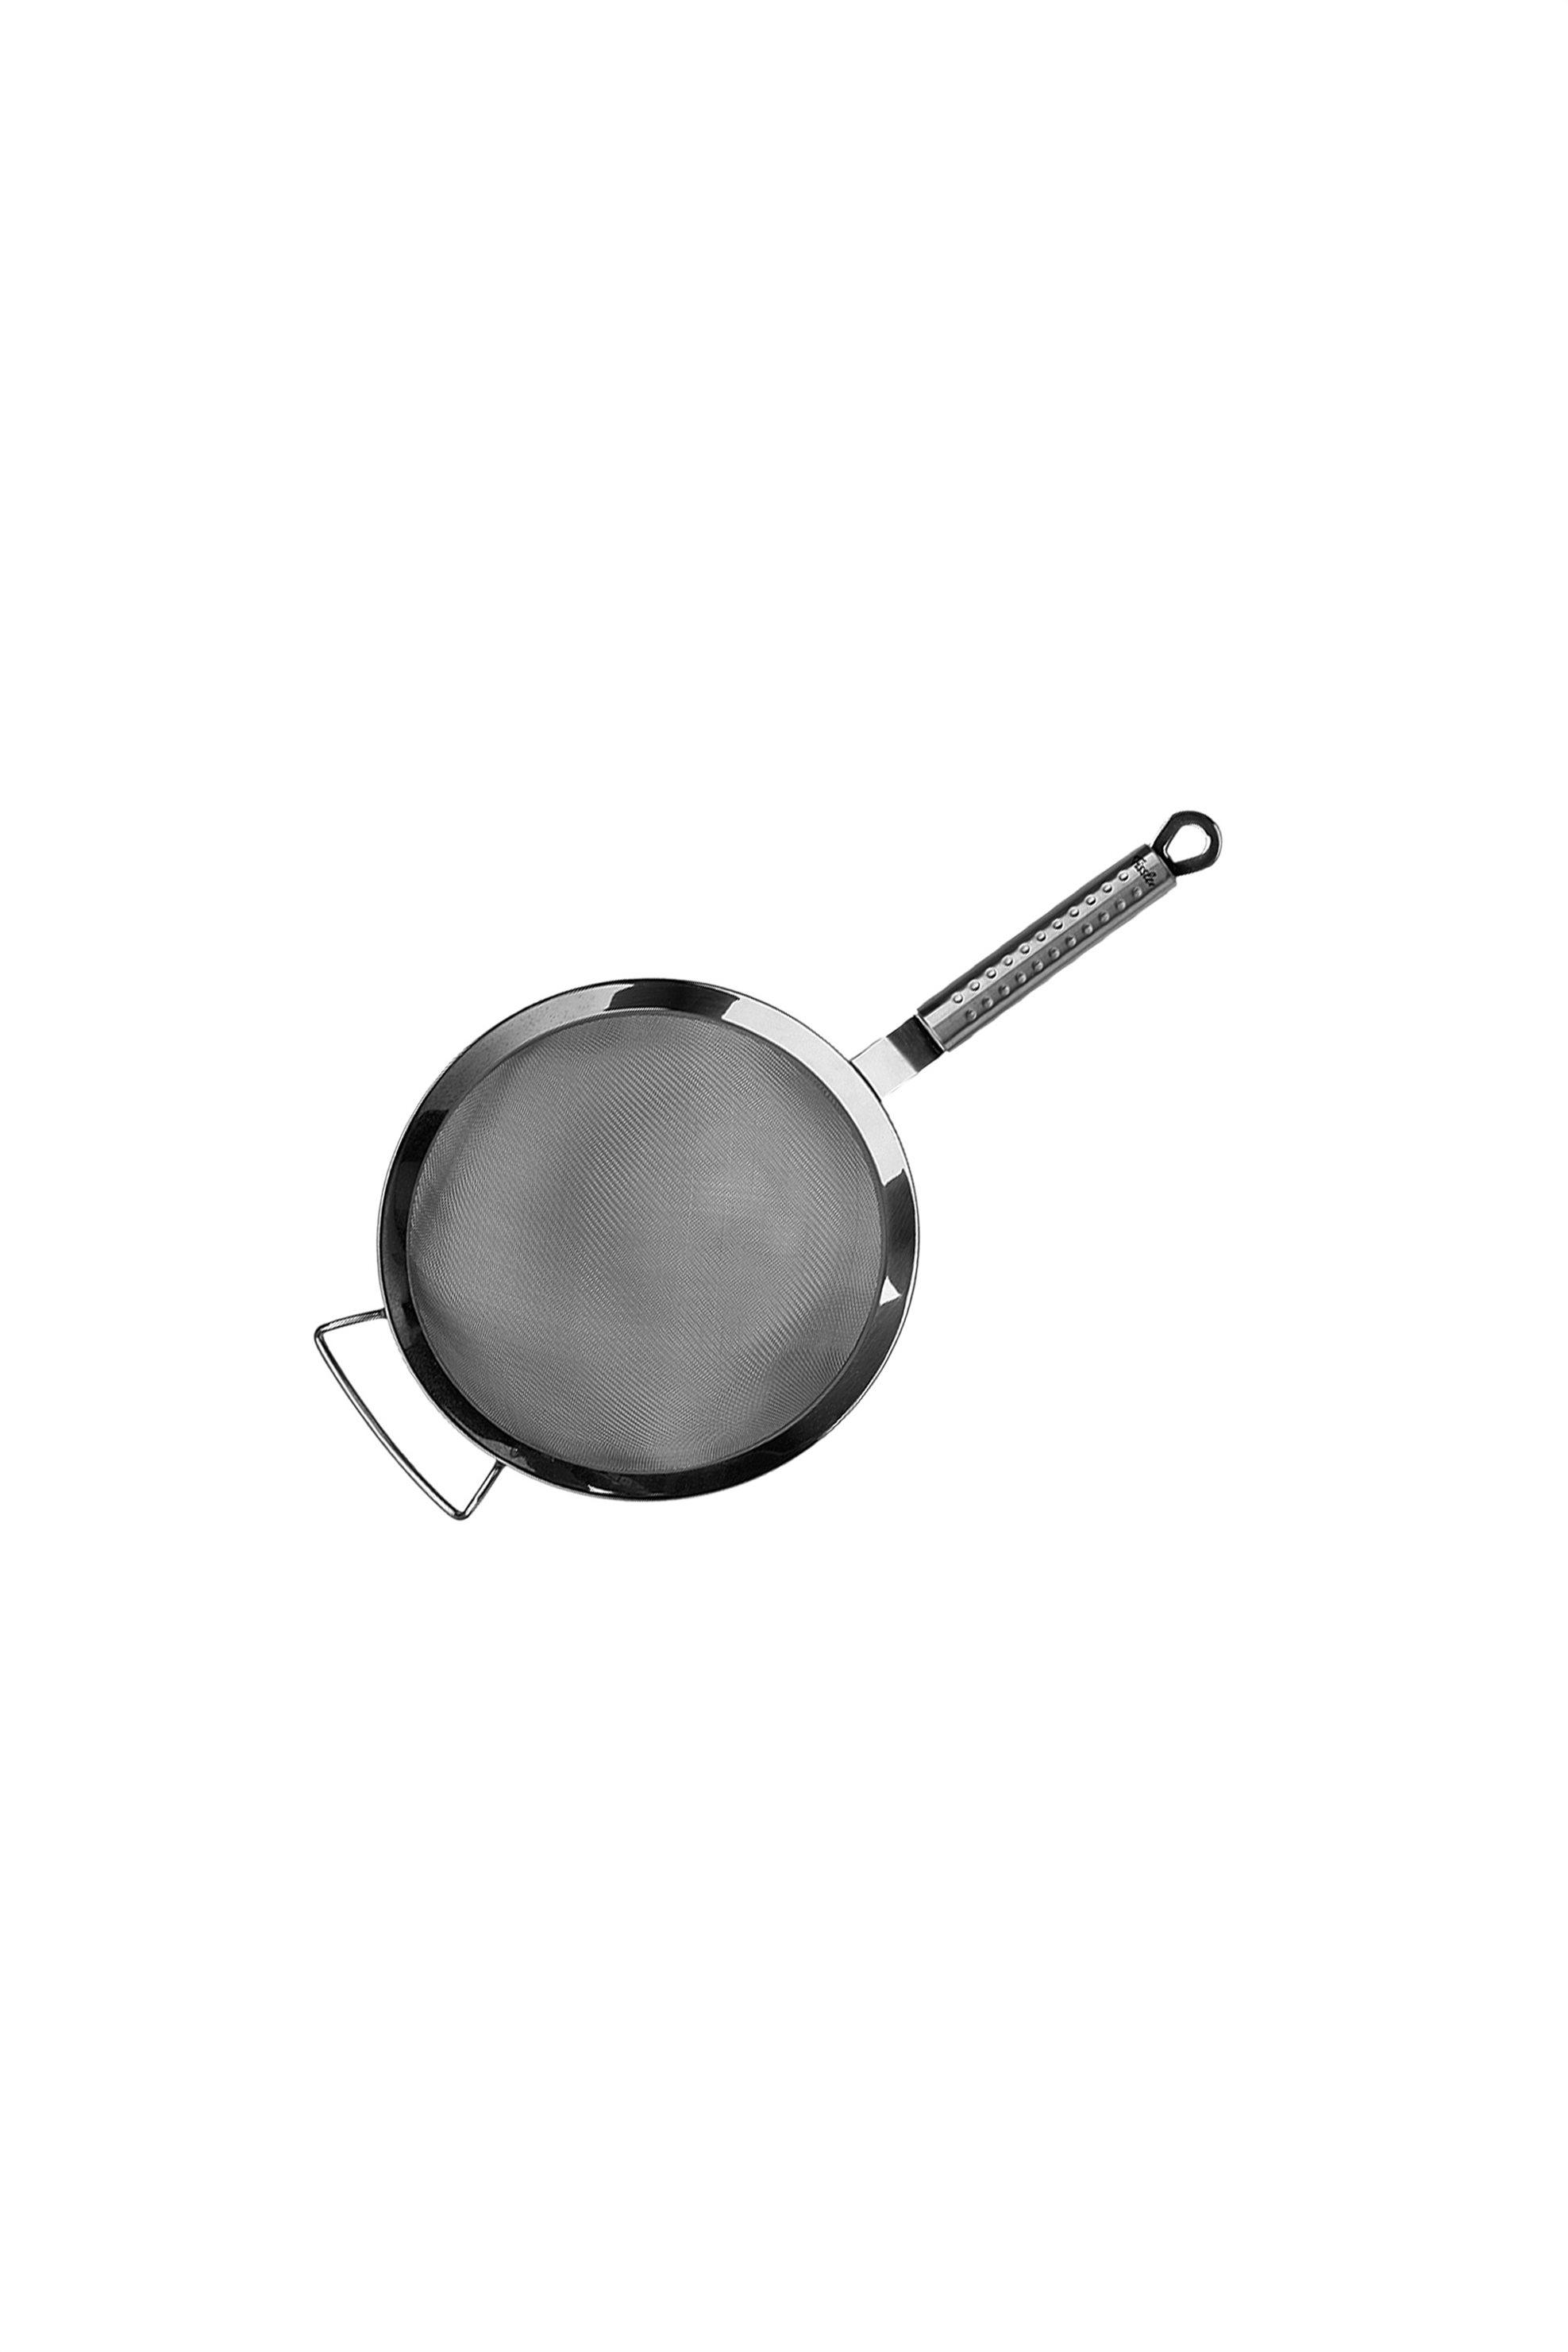 Σουρωτήρι 20cm Magic Fissler - 2007720.1 home   κουζινα   αξεσουάρ kουζίνας   εργαλεία μαγειρικής   σουρωτήρια